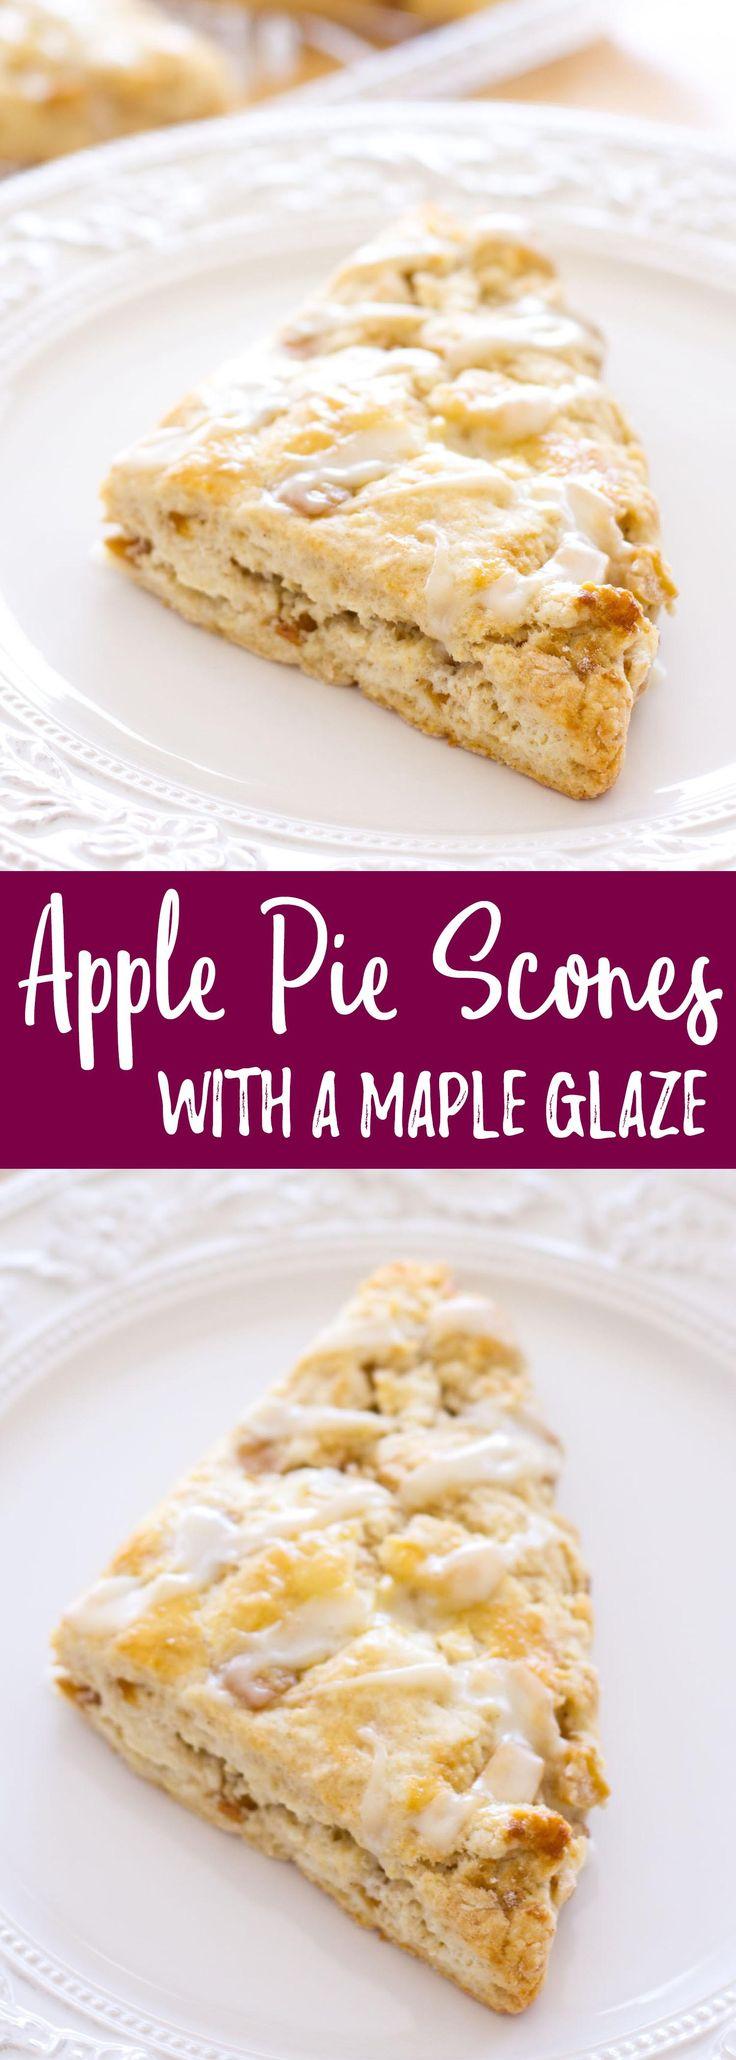 apple pie scones with maple glaze